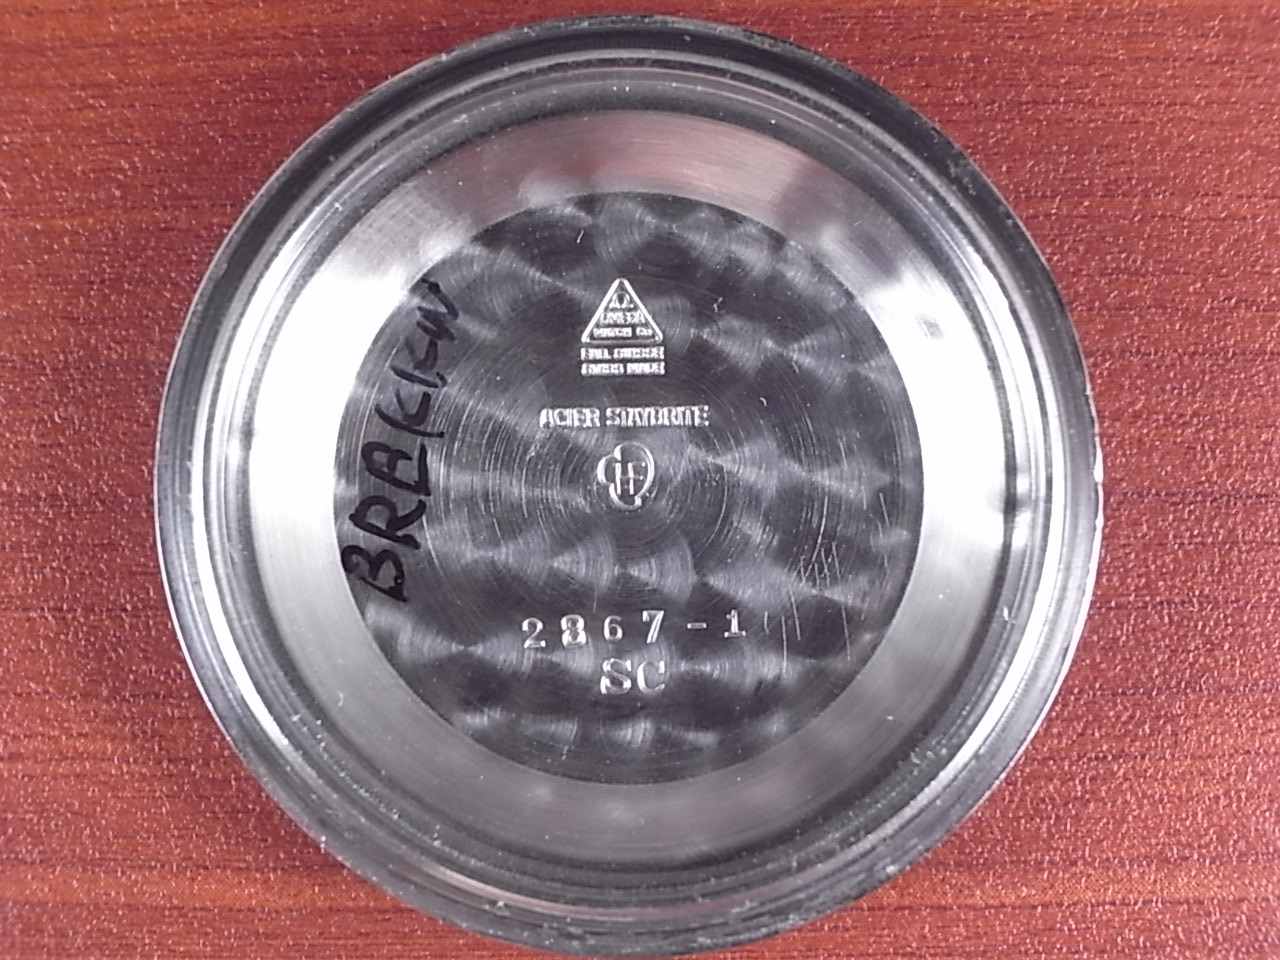 オメガ ビッグシーマスター ビッグメダリオン Ref.2867-1 SC 1960年代の写真6枚目